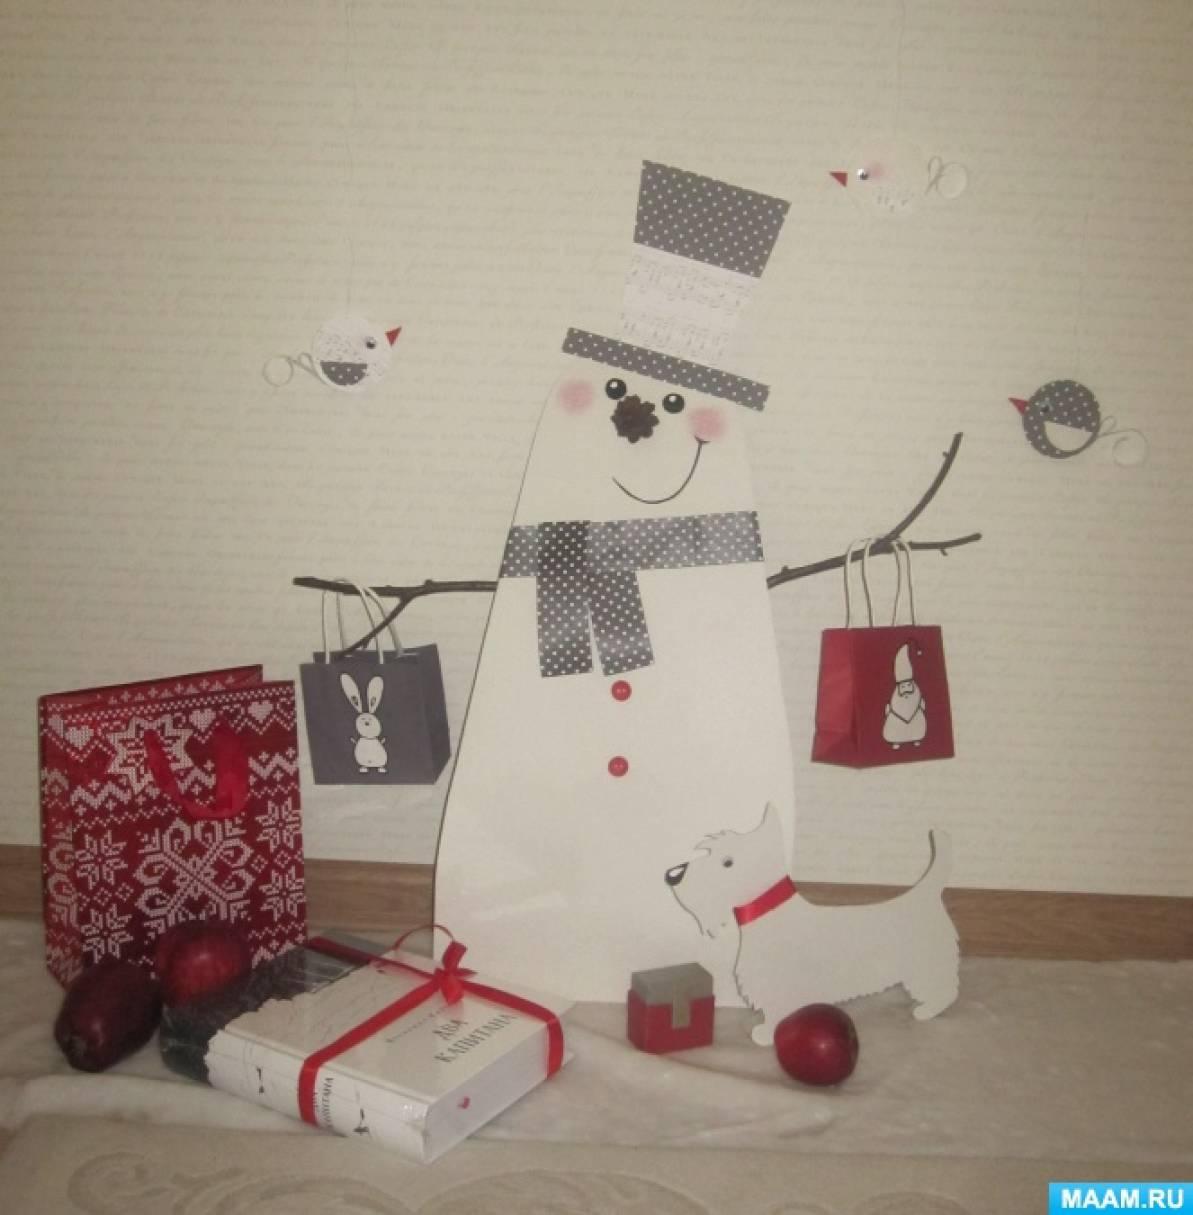 Интерьерное украшение «Снеговик» своими руками